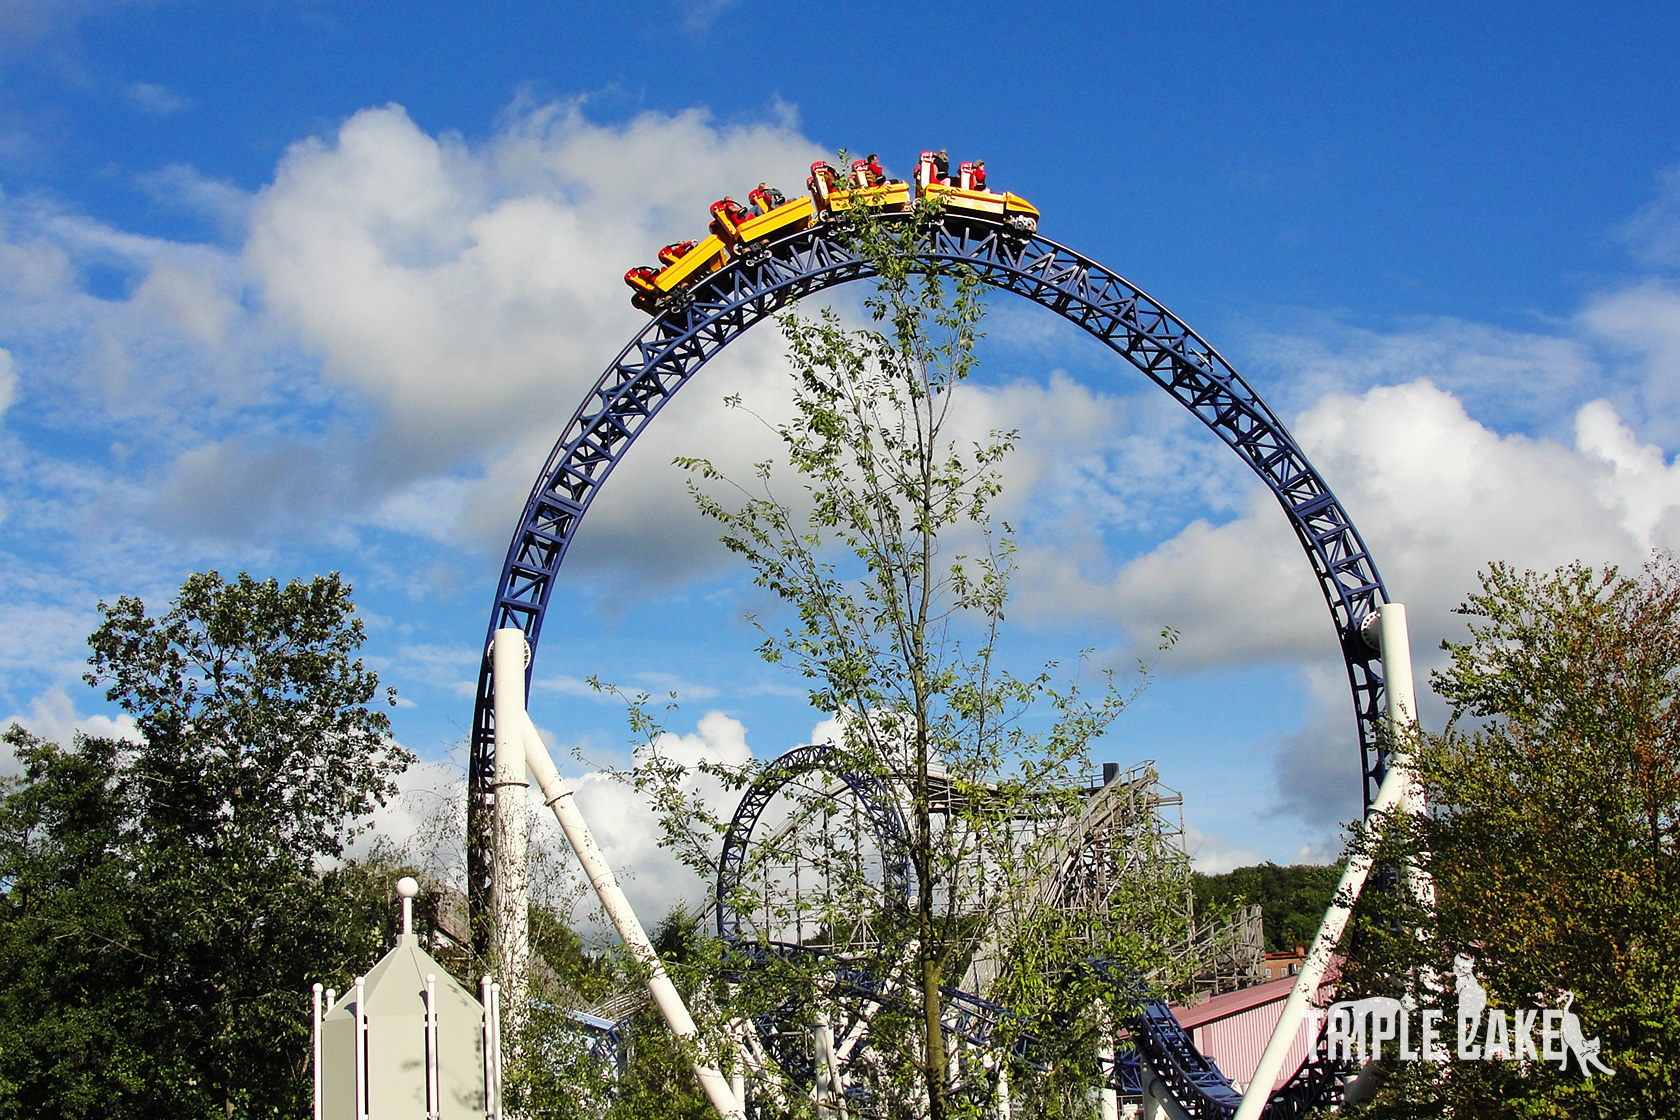 Kanonen roller coaster, Liseberg